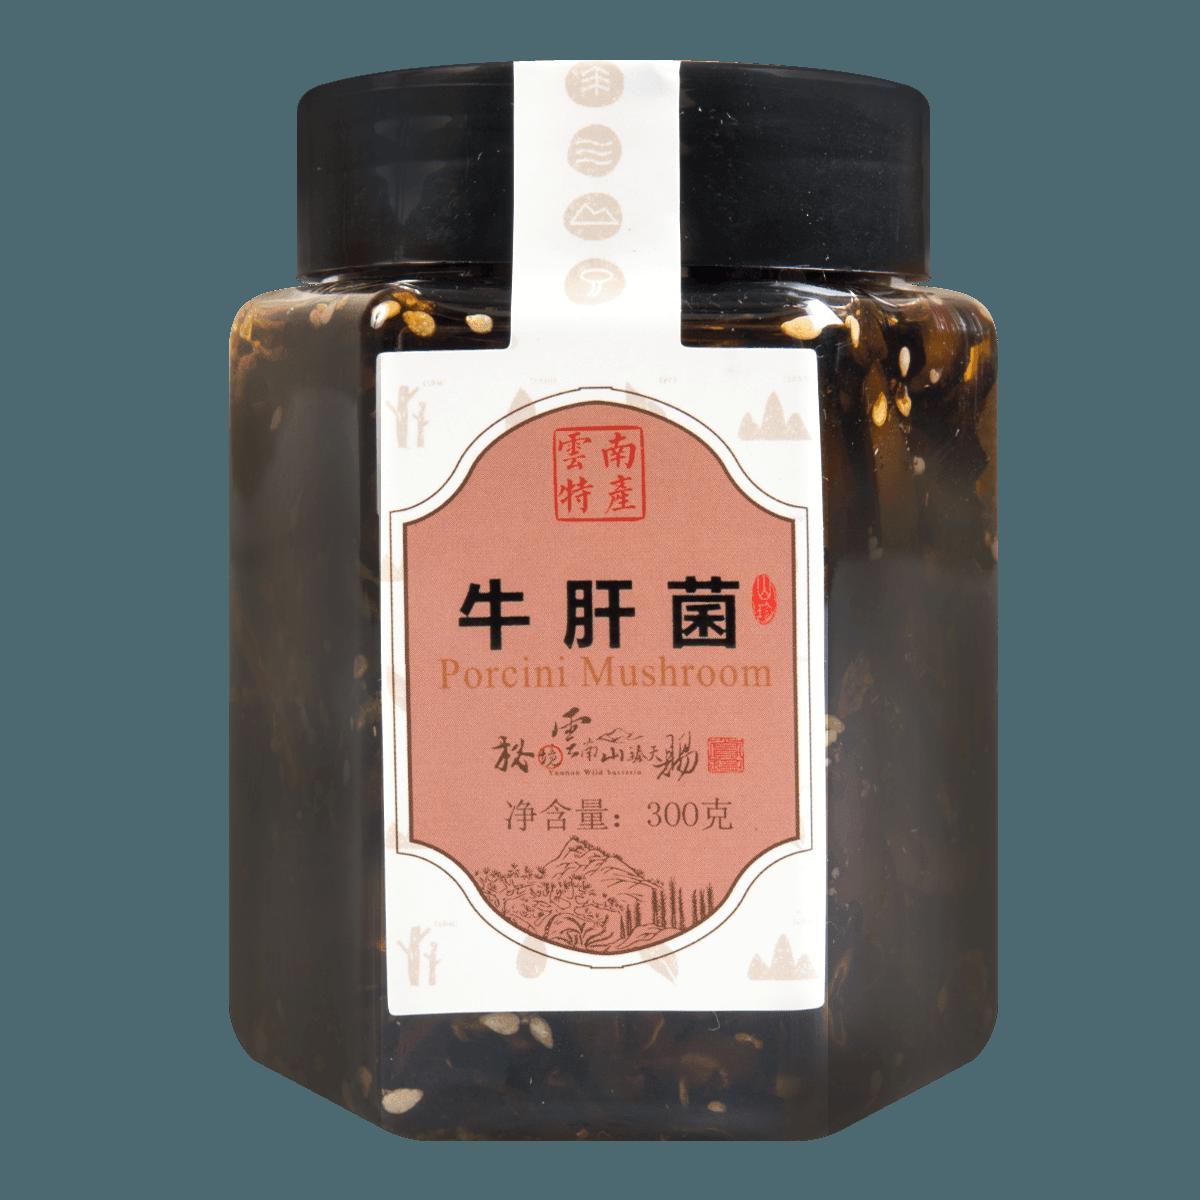 开耀食品 牛肝菌 瓶装 300g 云南特产 亚米独家